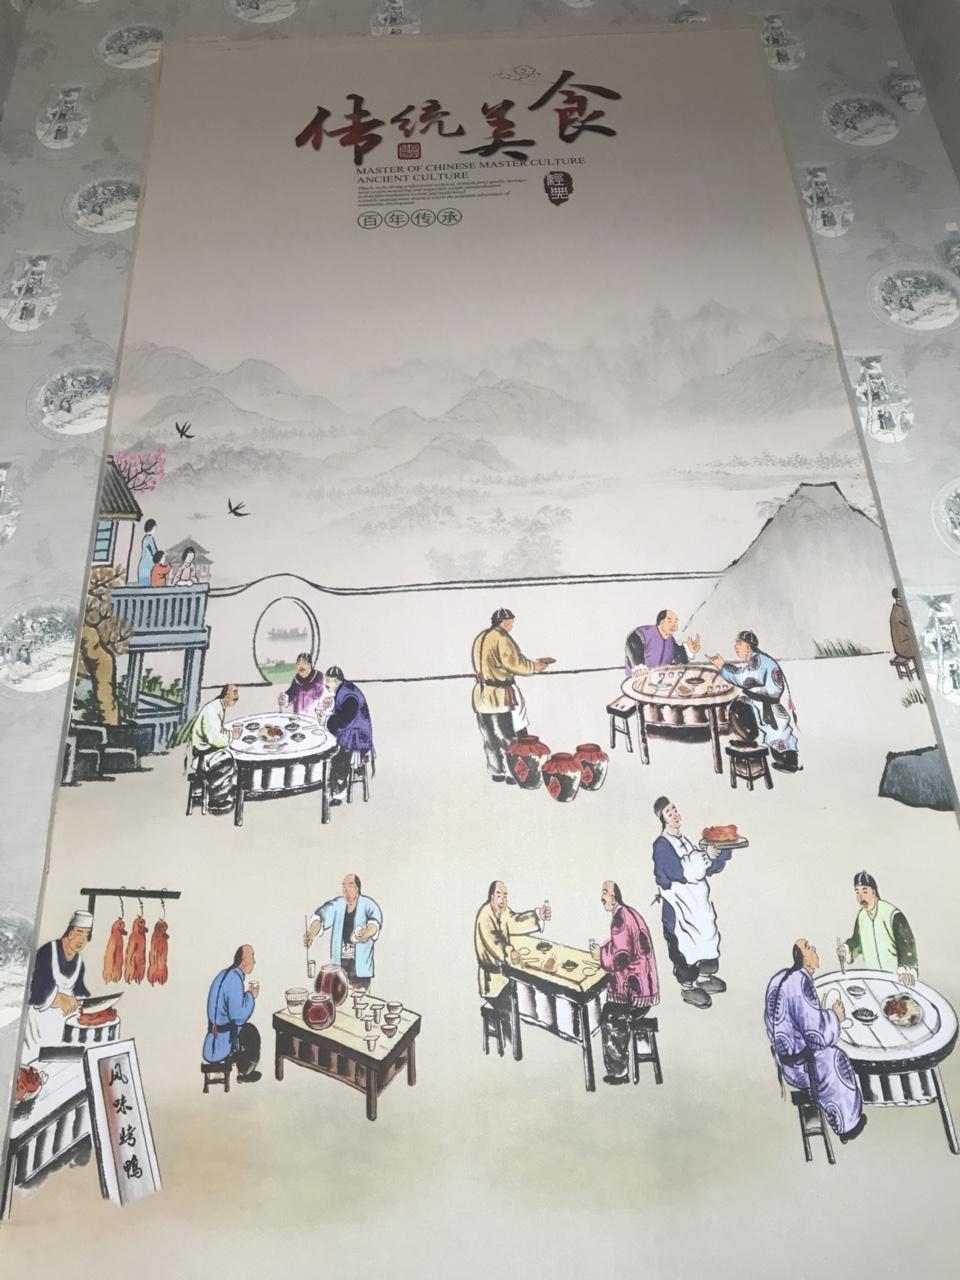 在龙山镇品尝了古镇老码头火锅才叫不白来一回